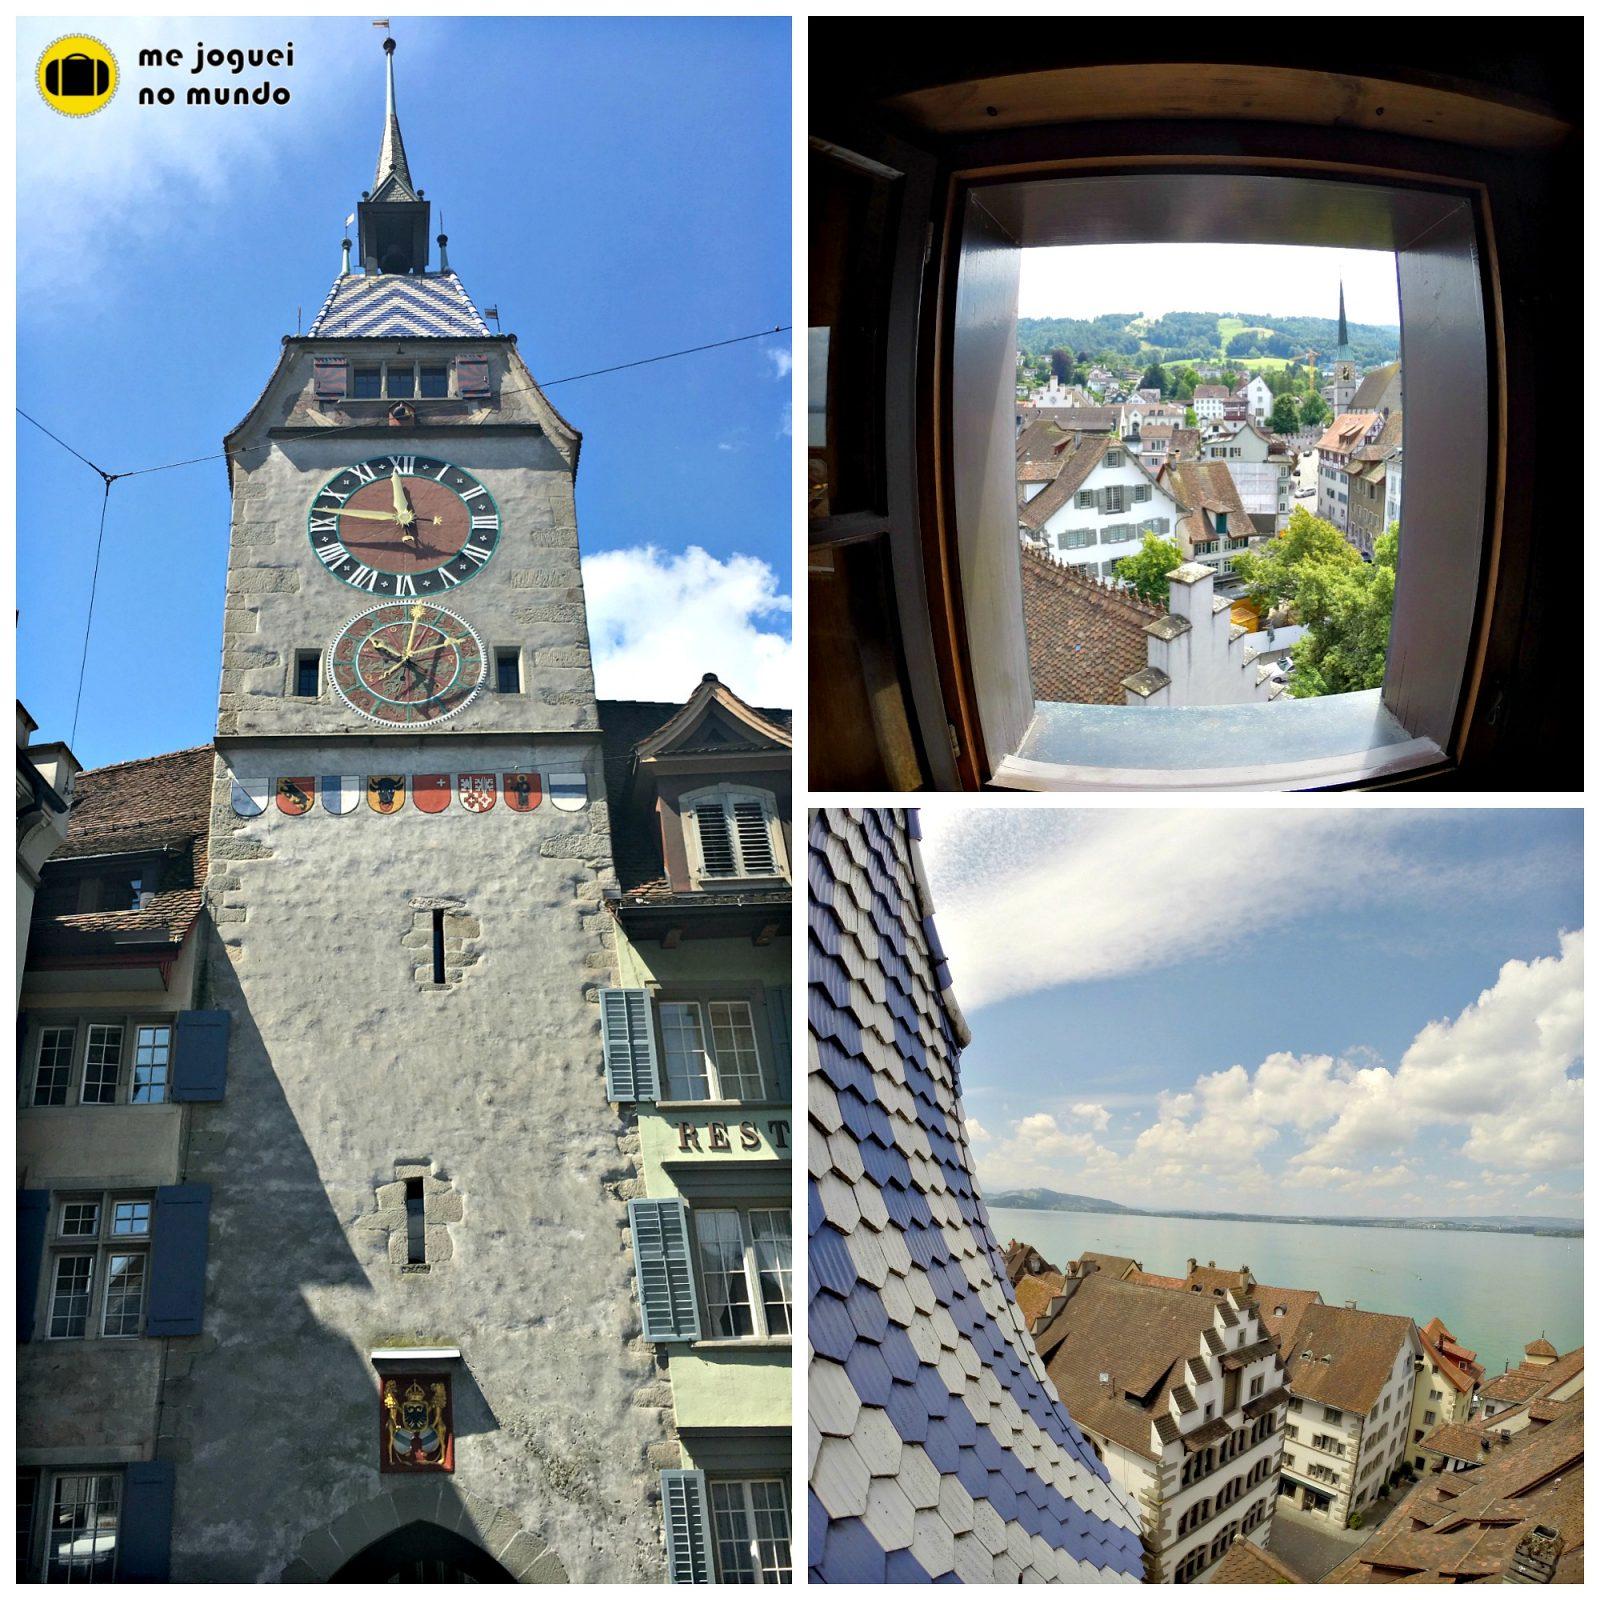 torre-do-relogio-zug